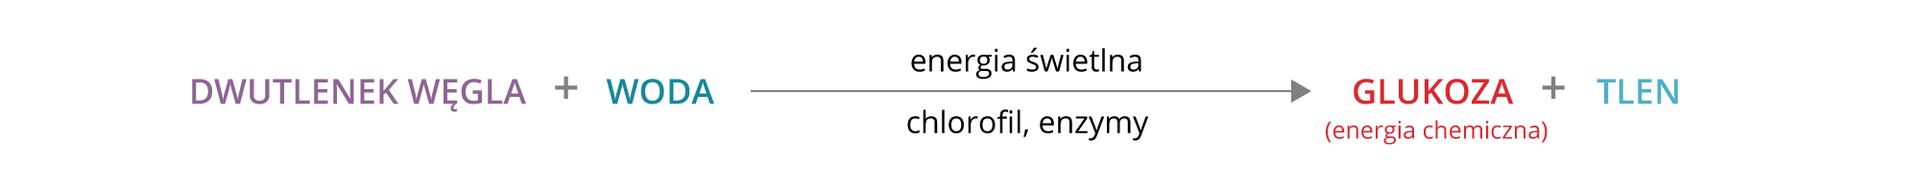 Ilustracja przedstawia proces fotosyntezy wpostaci równania, od substratów do produktów. Od lewej na fioletowo zapisano dwutlenek węgla iznak plus. Następnie jest niebieski napis tlen iszara strzałka. Nad strzałką znajduje się napis: energia świetlna, apod strzałką napis chlorofil ienzymy. Za strzałką jest czerwony napis glukoza, czyli energia chemiczna, znak plus ibłękitny napis tlen